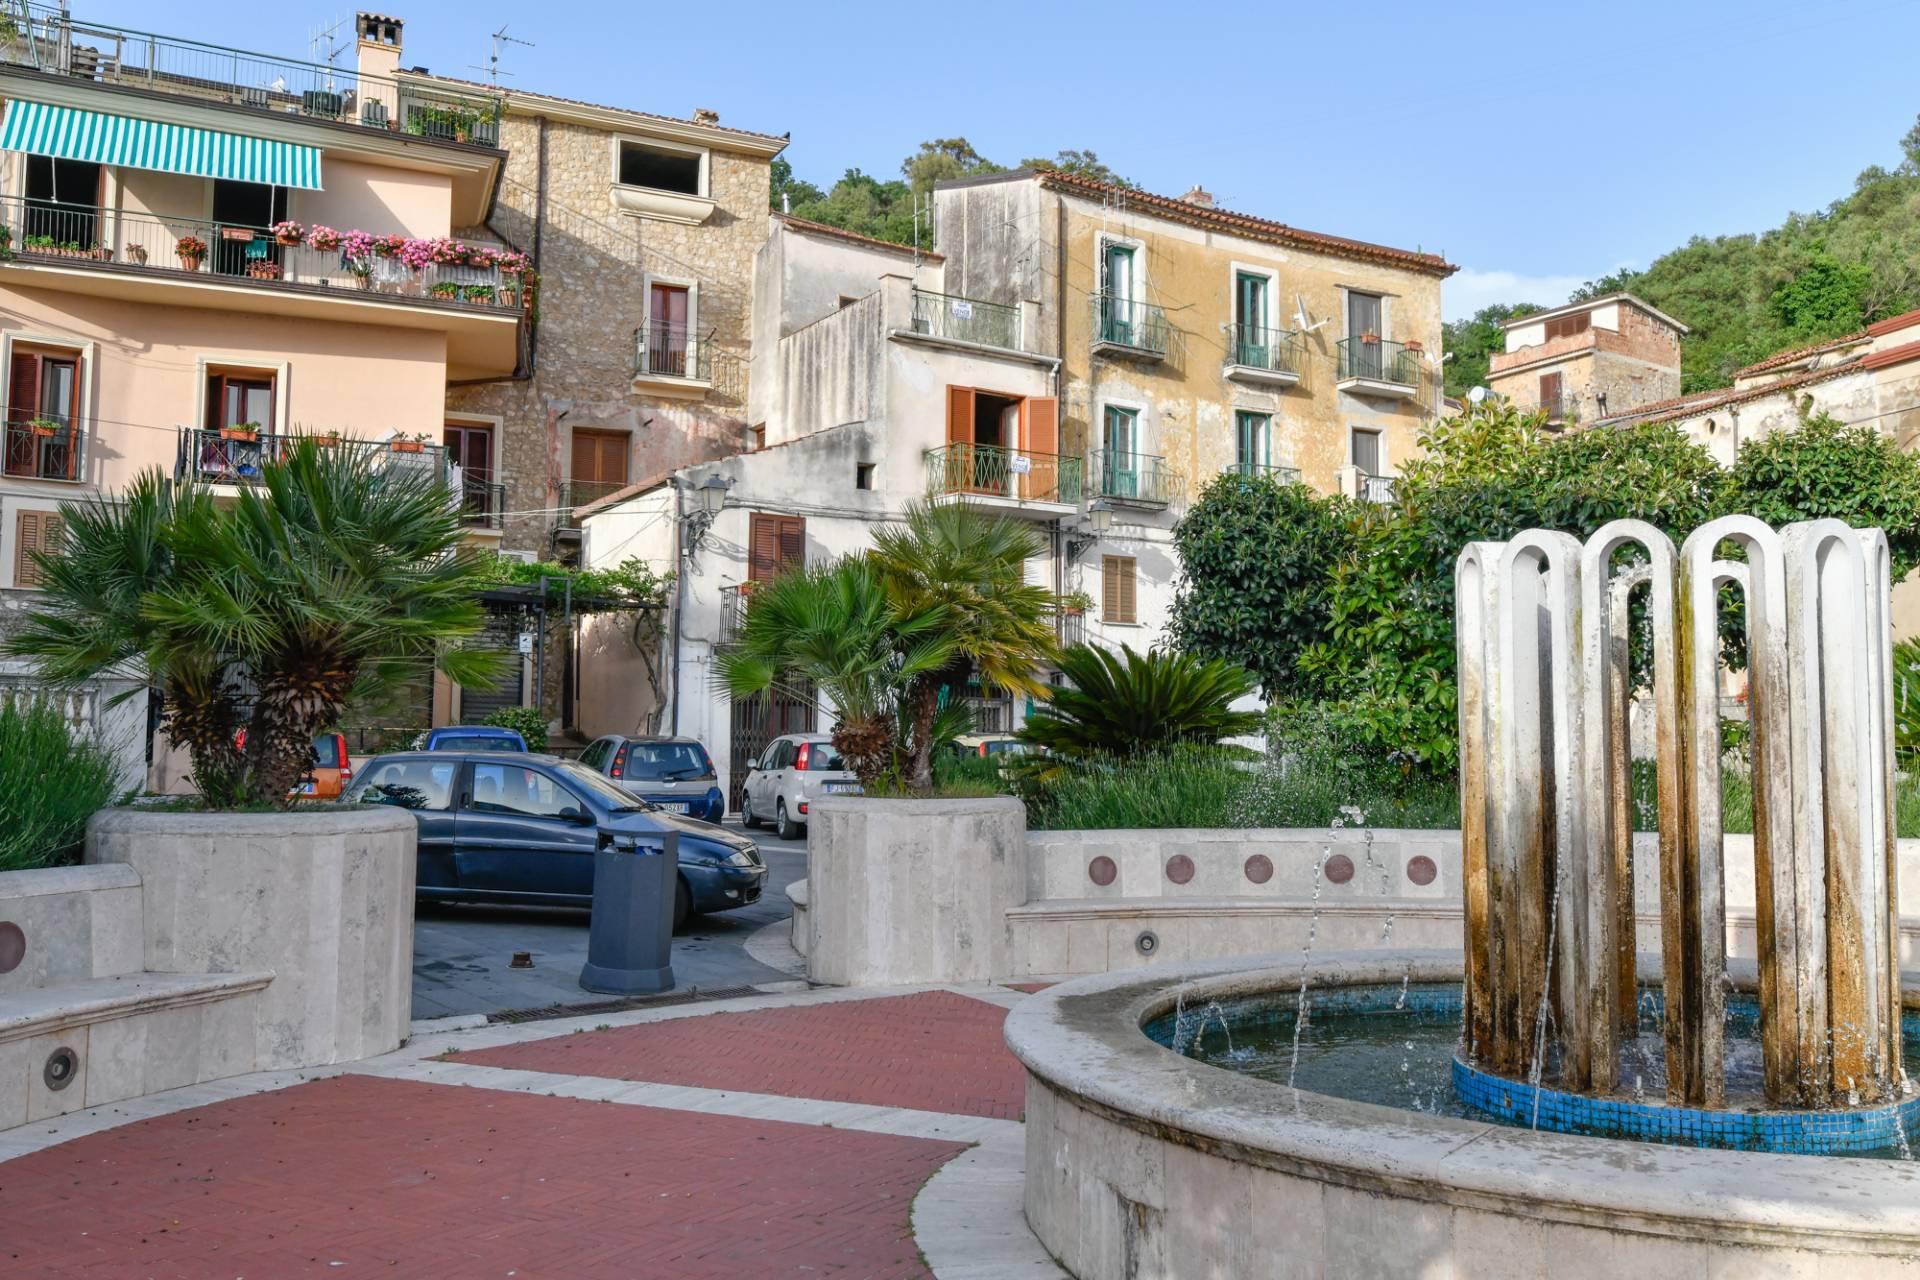 Appartamento in vendita a Centola, 9 locali, zona nuro, prezzo € 150.000 | PortaleAgenzieImmobiliari.it